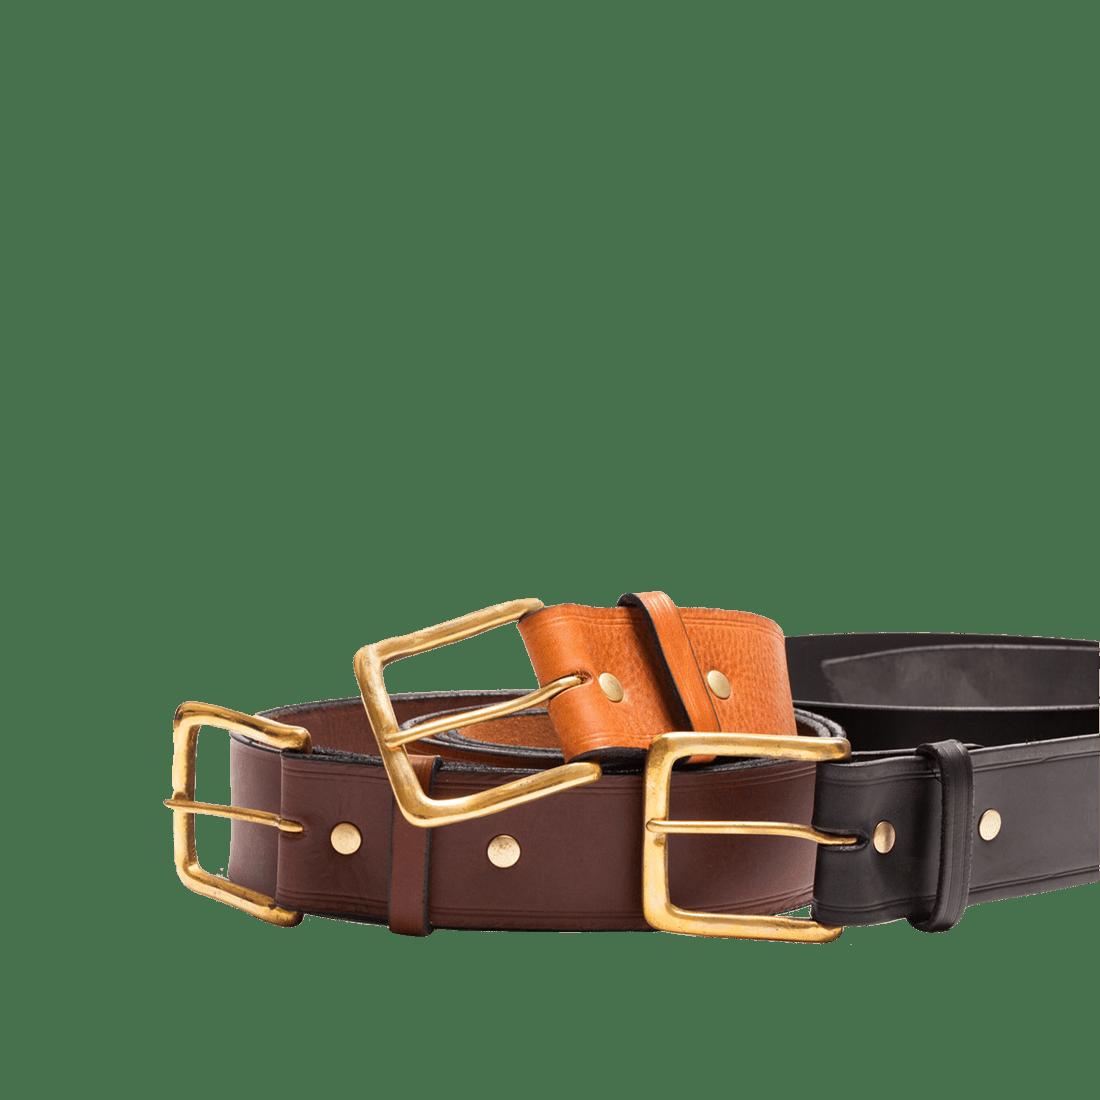 The Kilt belt artistic